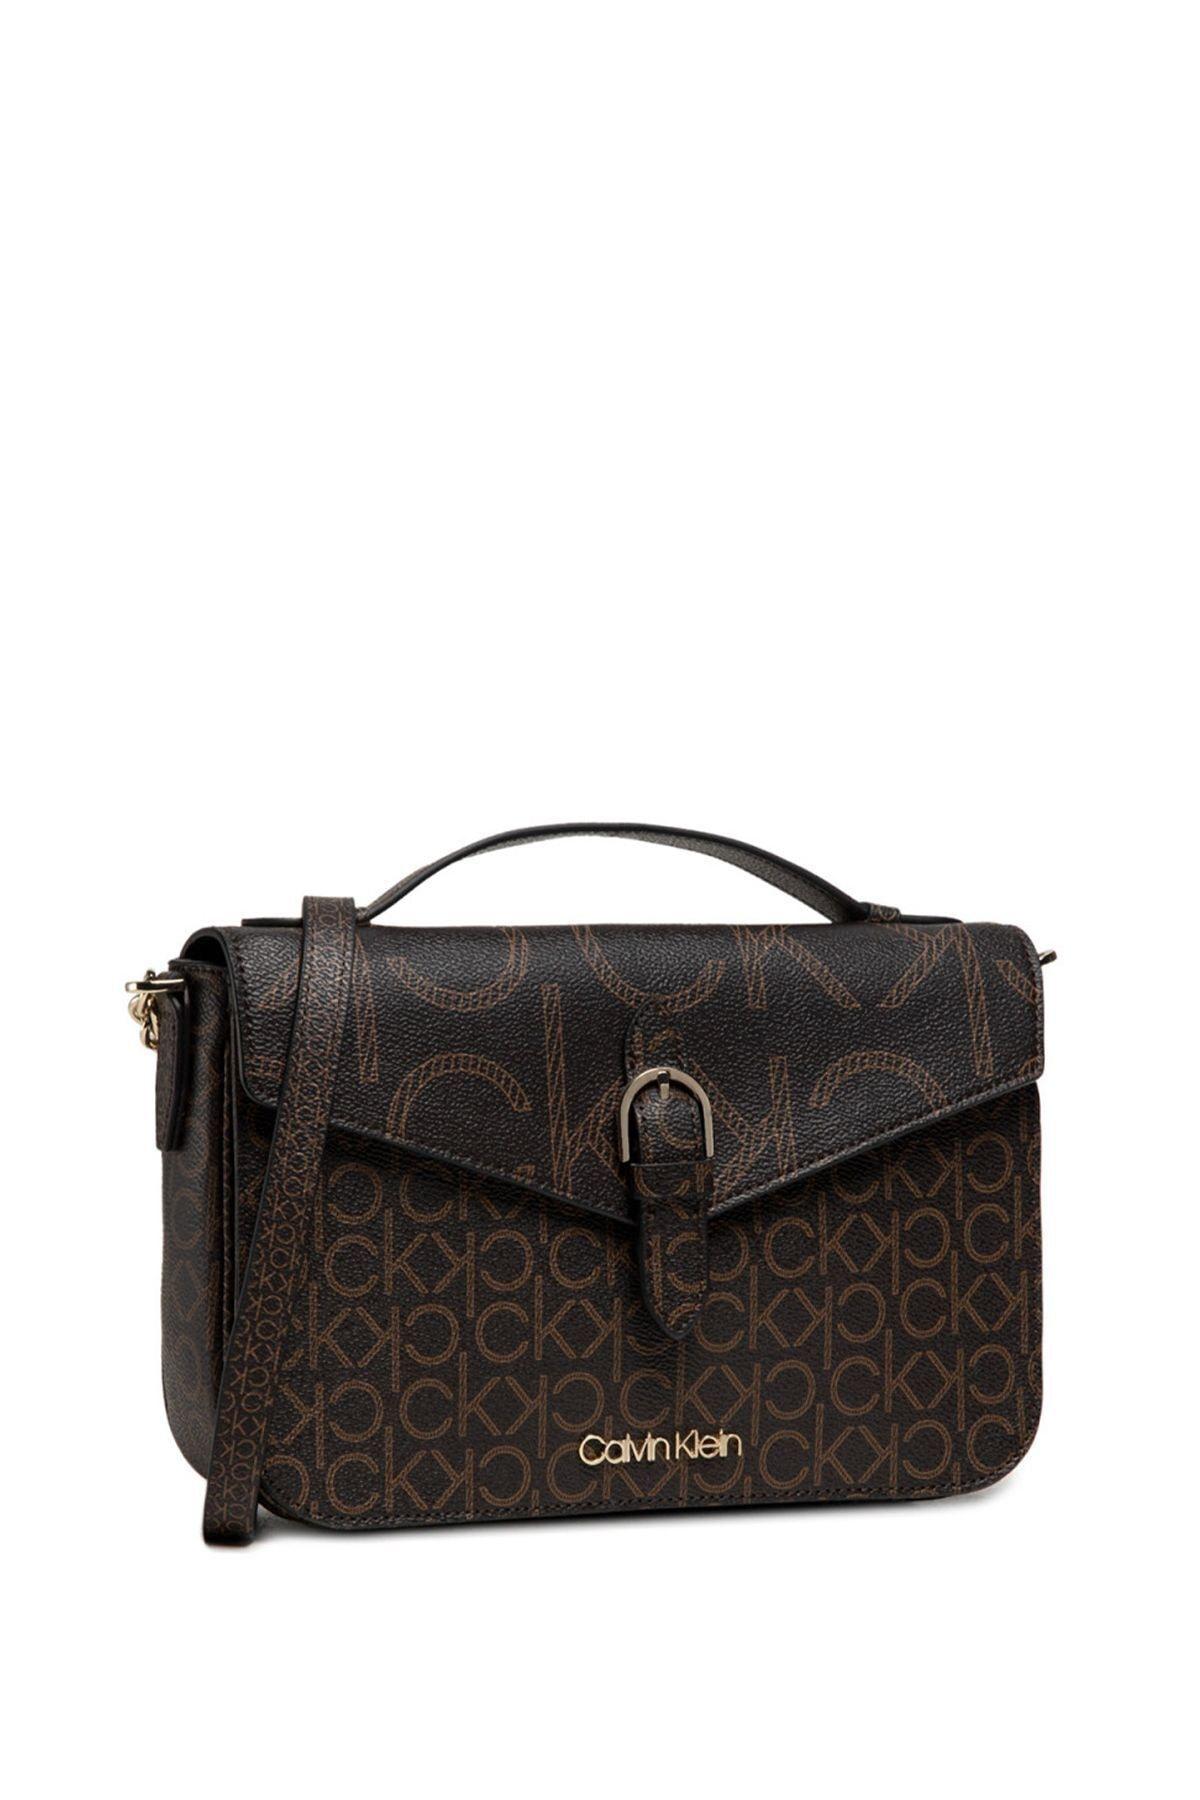 Calvin Klein Kadın Mono Scale Çapraz Askılı Kadın Çantası K60k607672 1